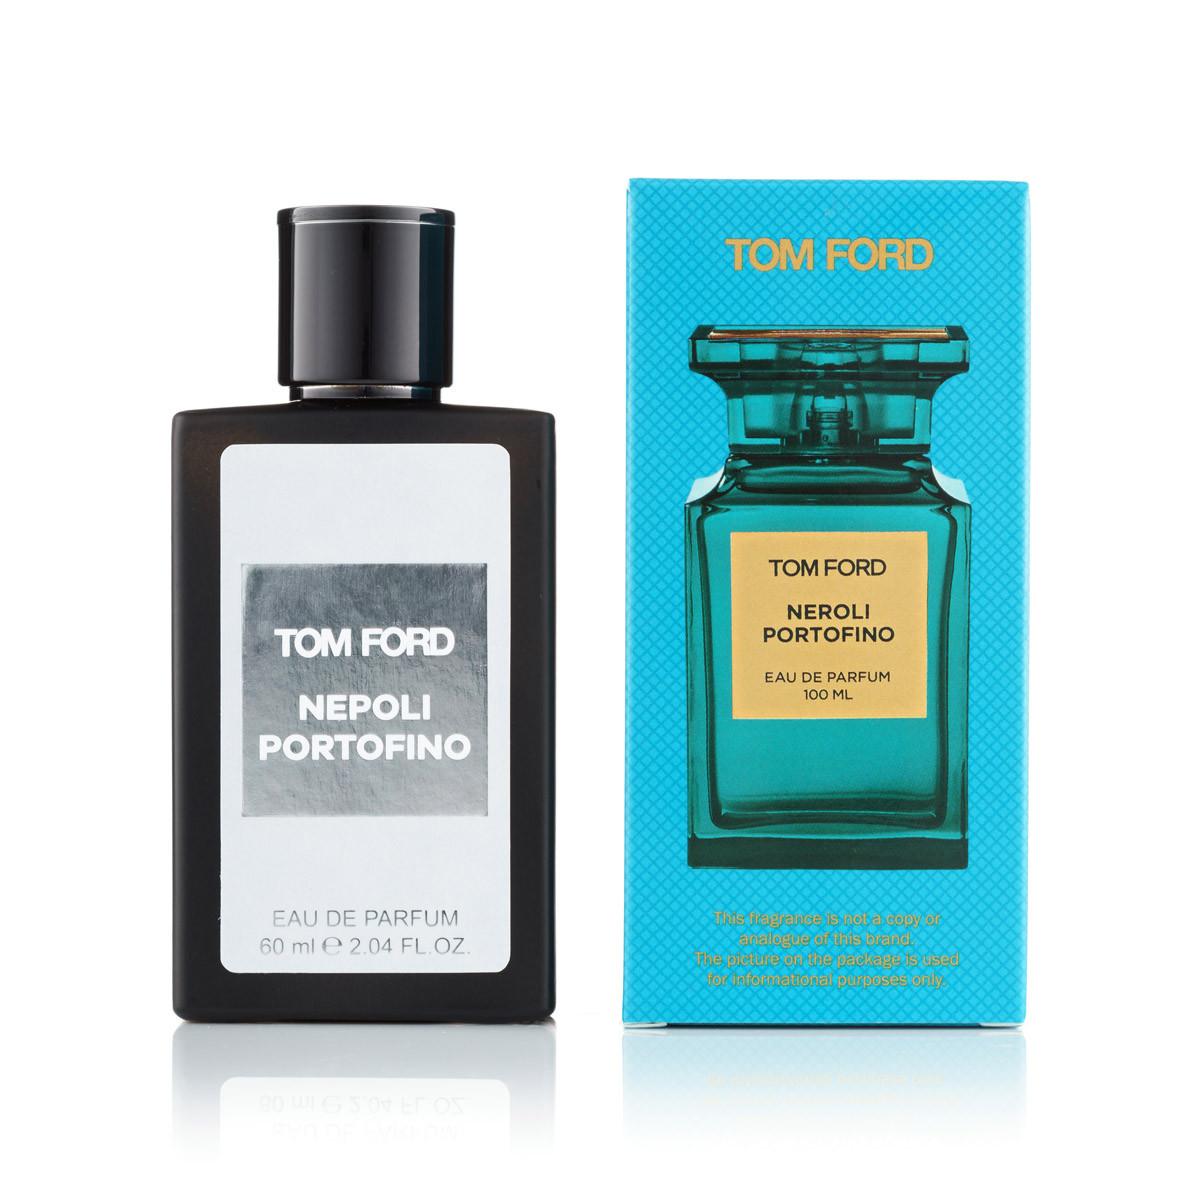 60 мл мини-парфюм  Neroli Portofino Tom Ford (унисекс)